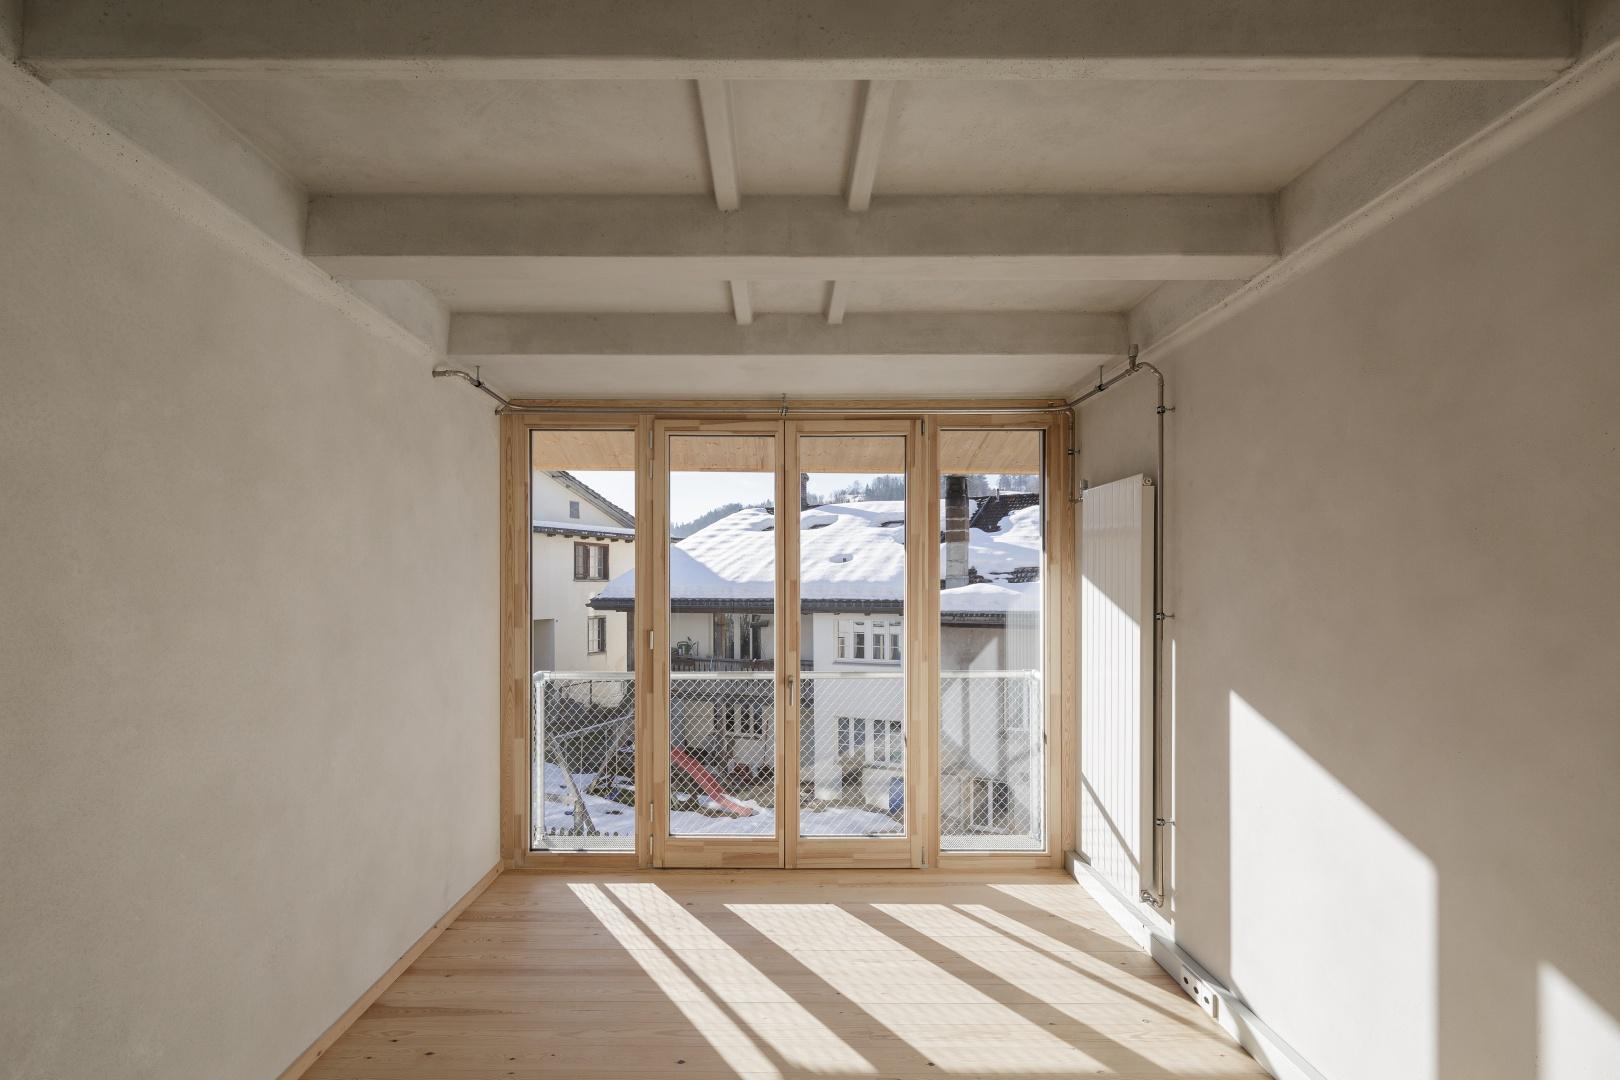 Chambre © moos giuliani herrmann architekten, silvano pedrett